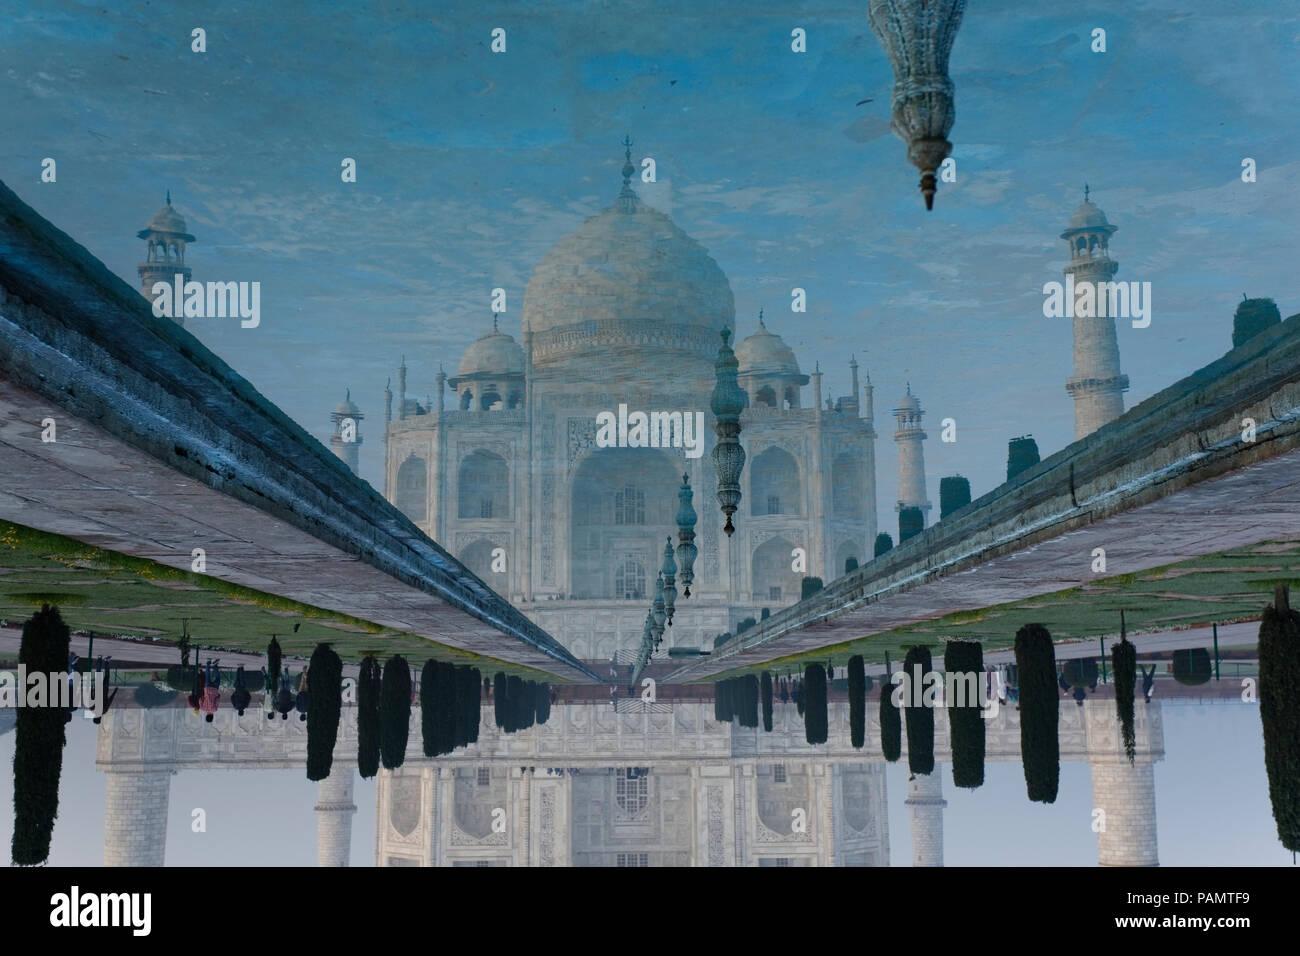 Taj Mahal in Agra Reflexion im Wasser ein UNESCO-Weltkulturerbe, ein Denkmal der Liebe, Agra, Uttar Pradesh, Indien. Stockbild